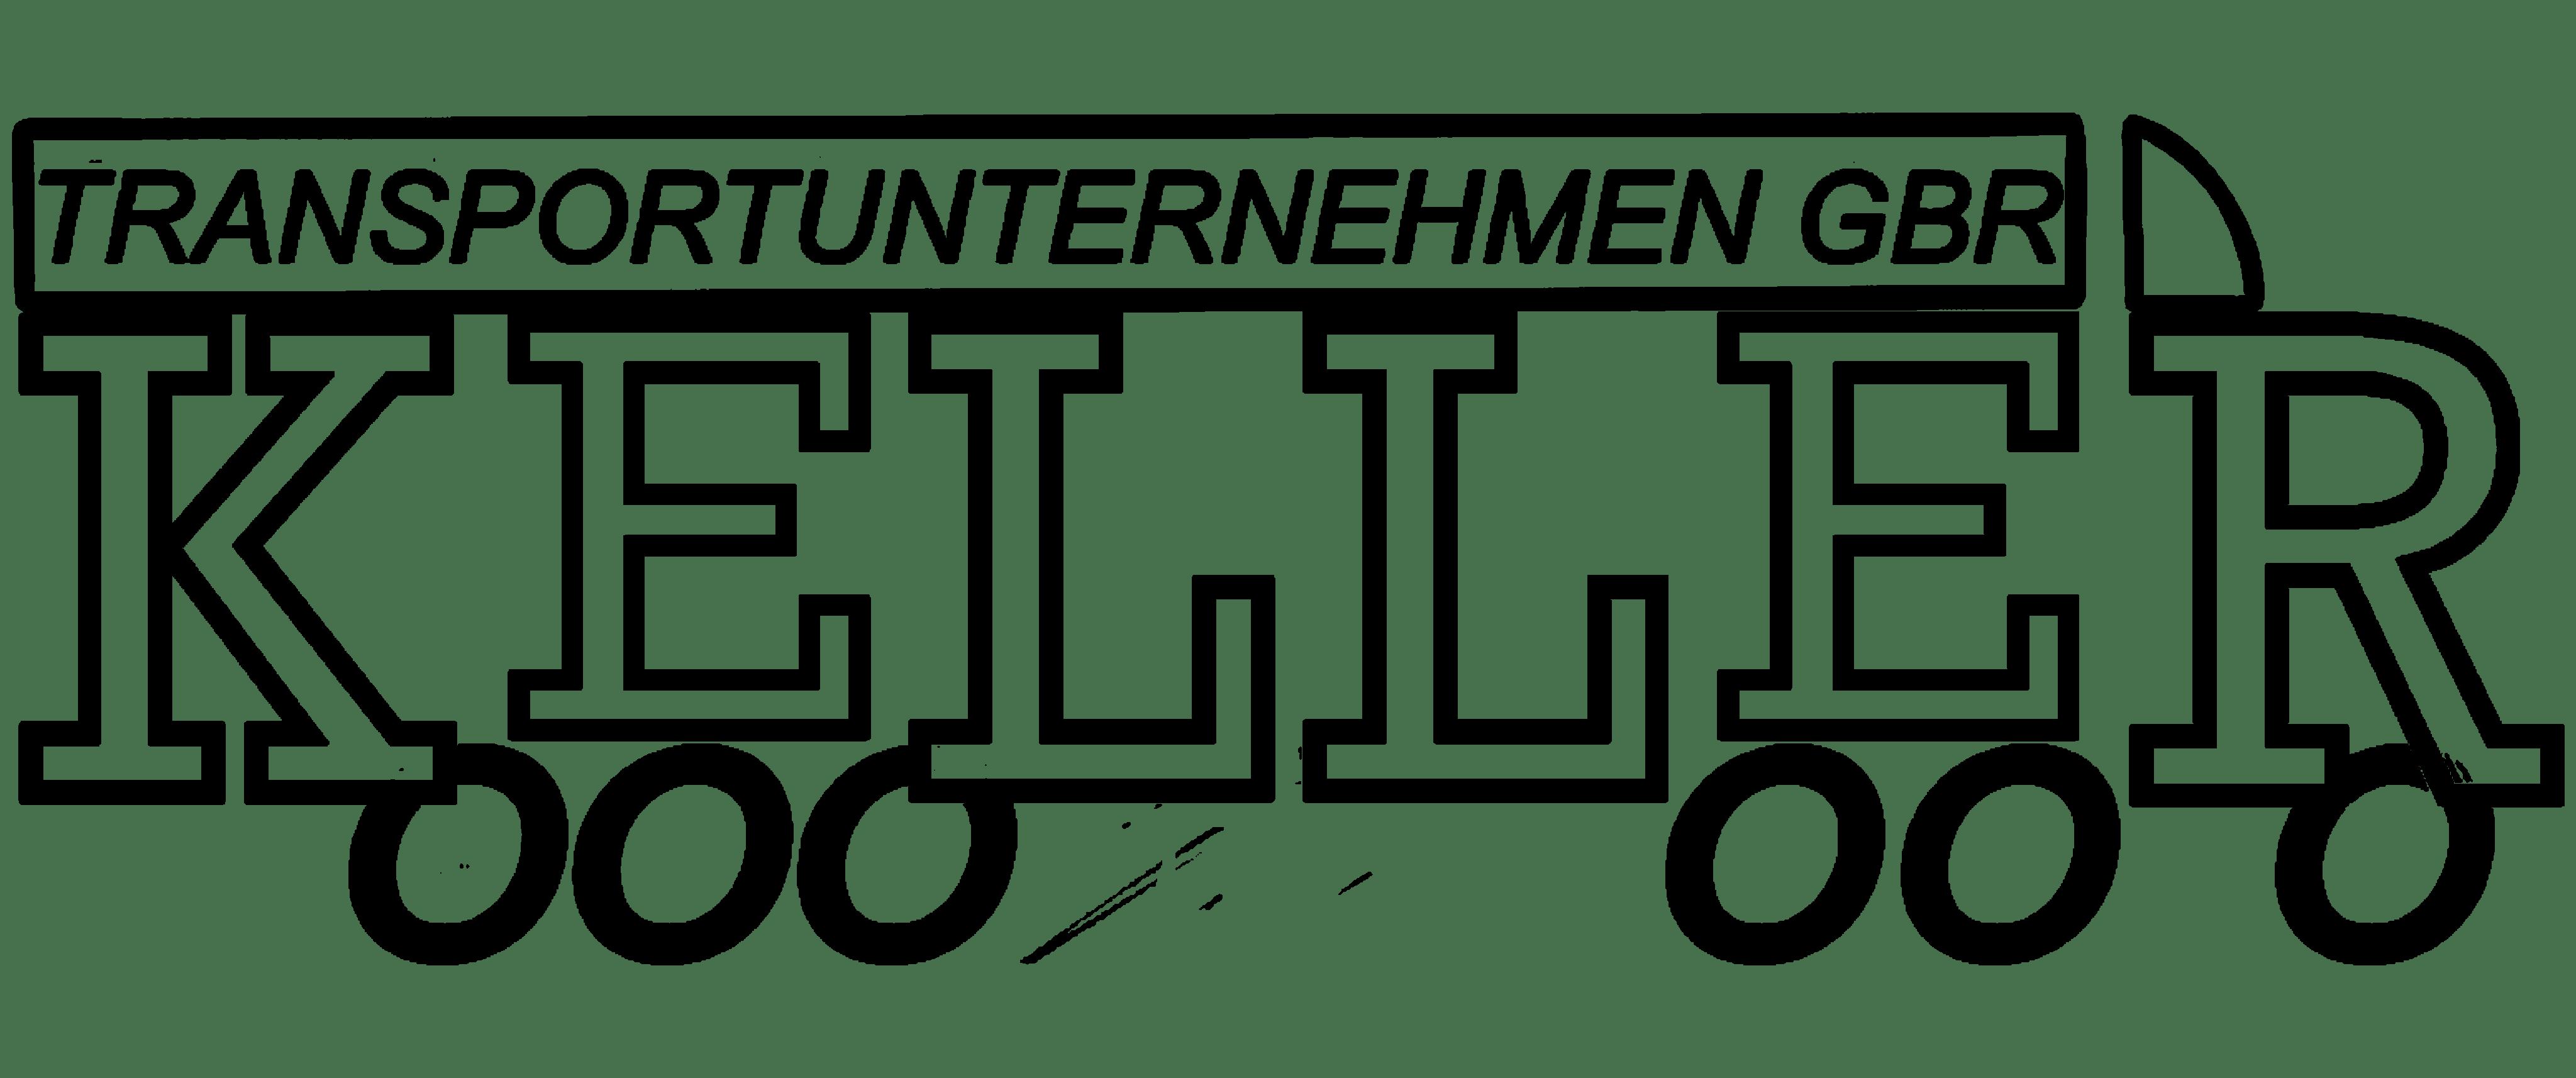 Transportunternehmen Keller GbR